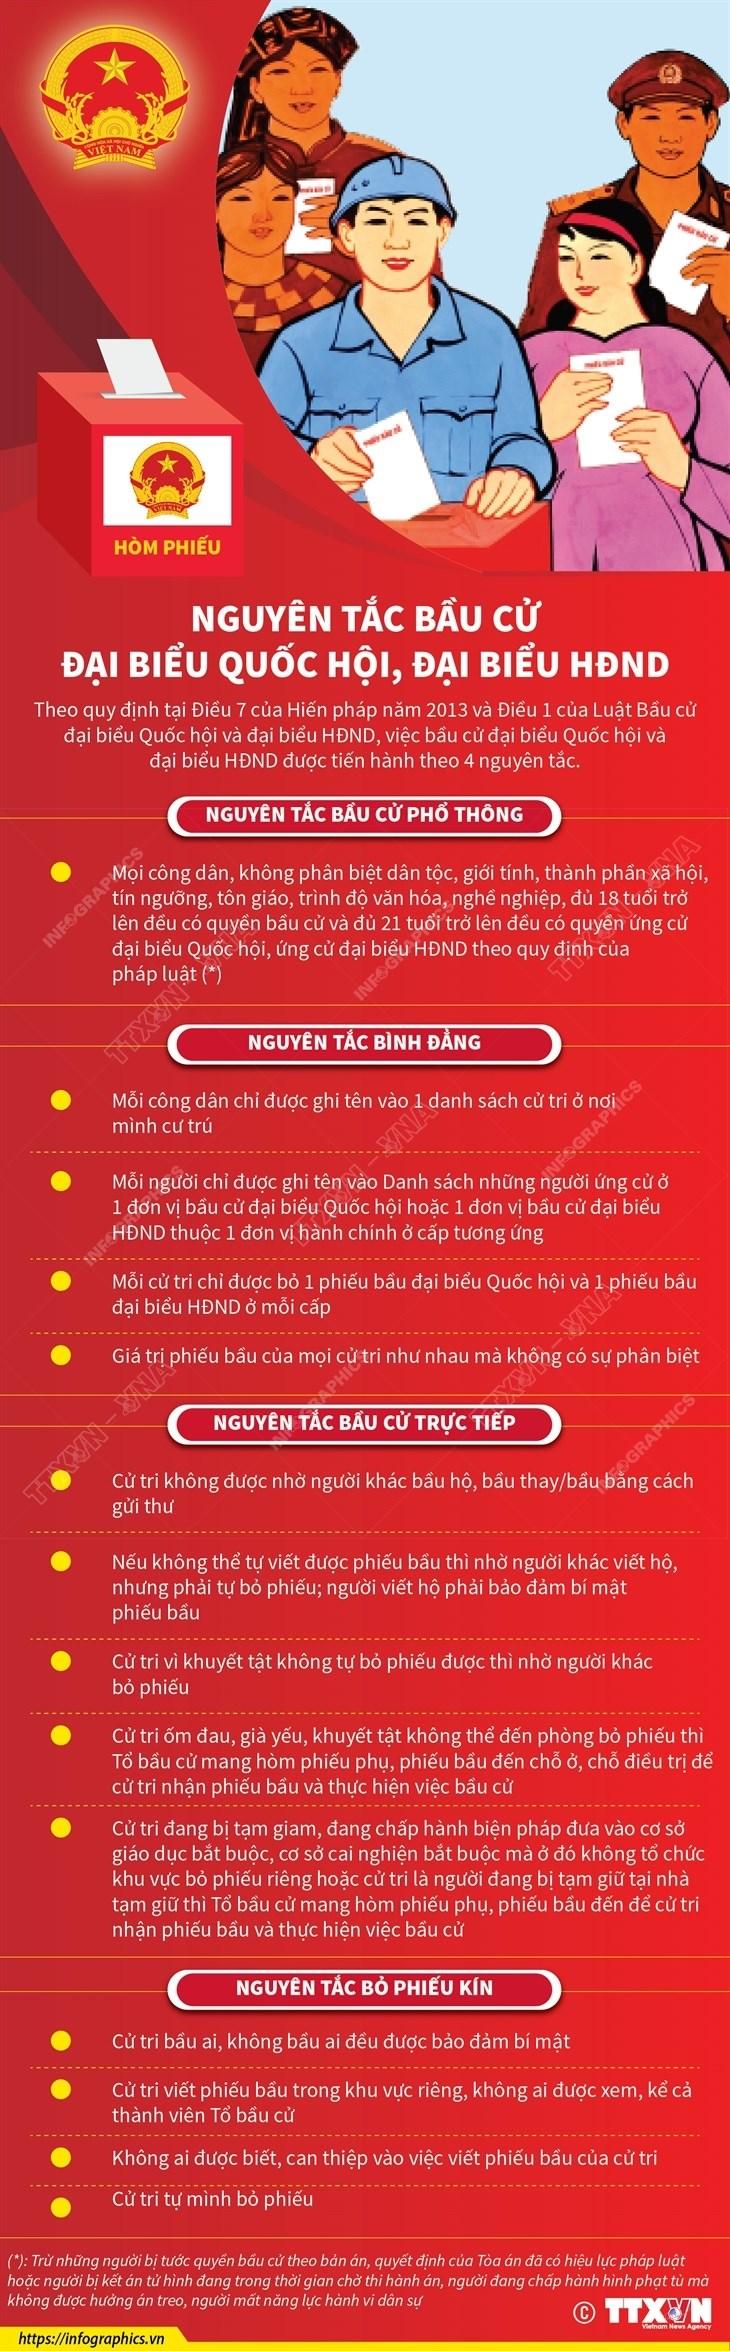 [Infographics] Nguyen tac bau cu dai bieu Quoc hoi, dai bieu HDND hinh anh 1